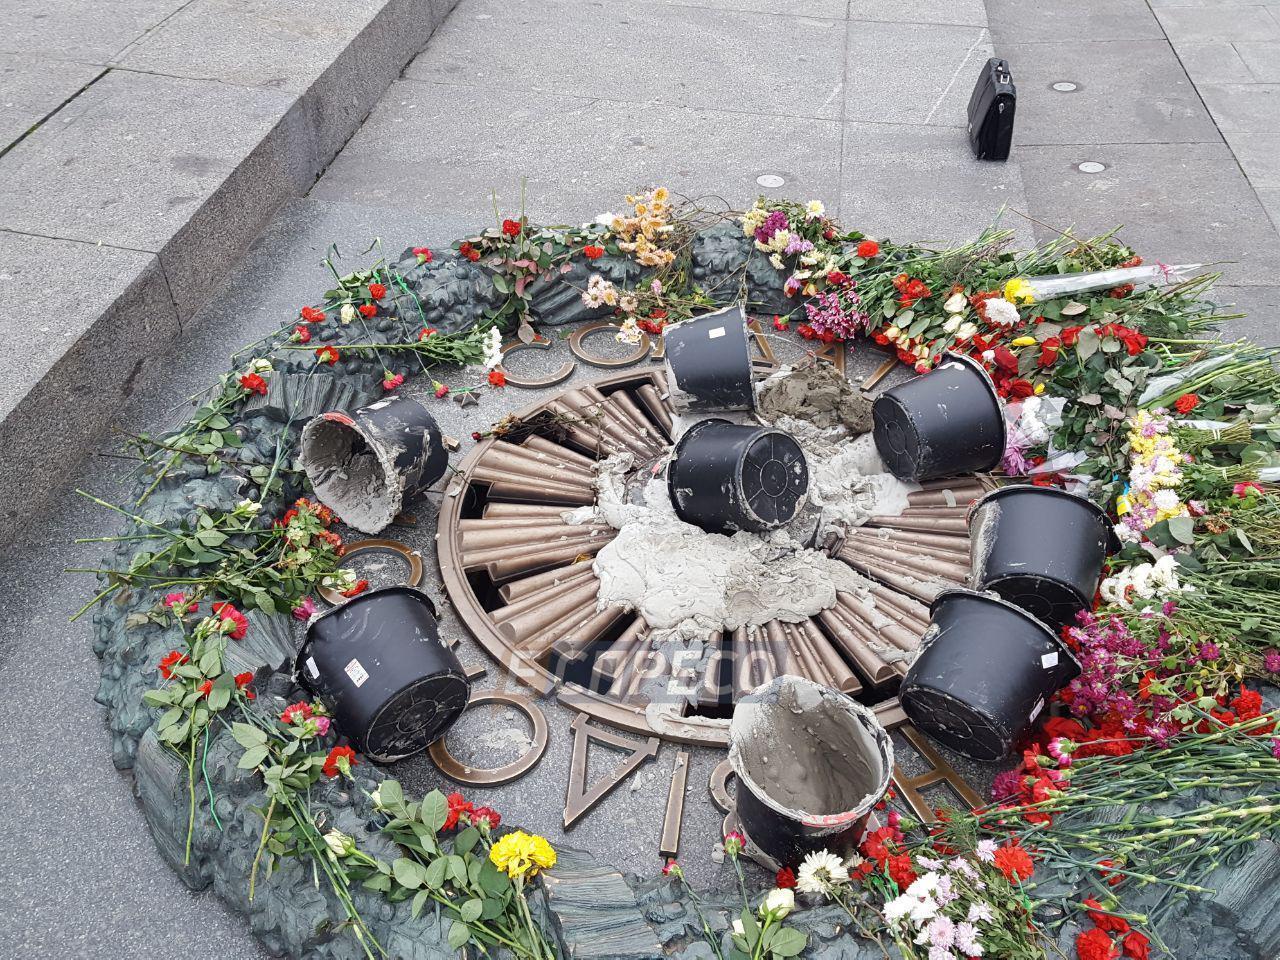 В Киеве залили цементом Вечный огонь: полиция отреагировала